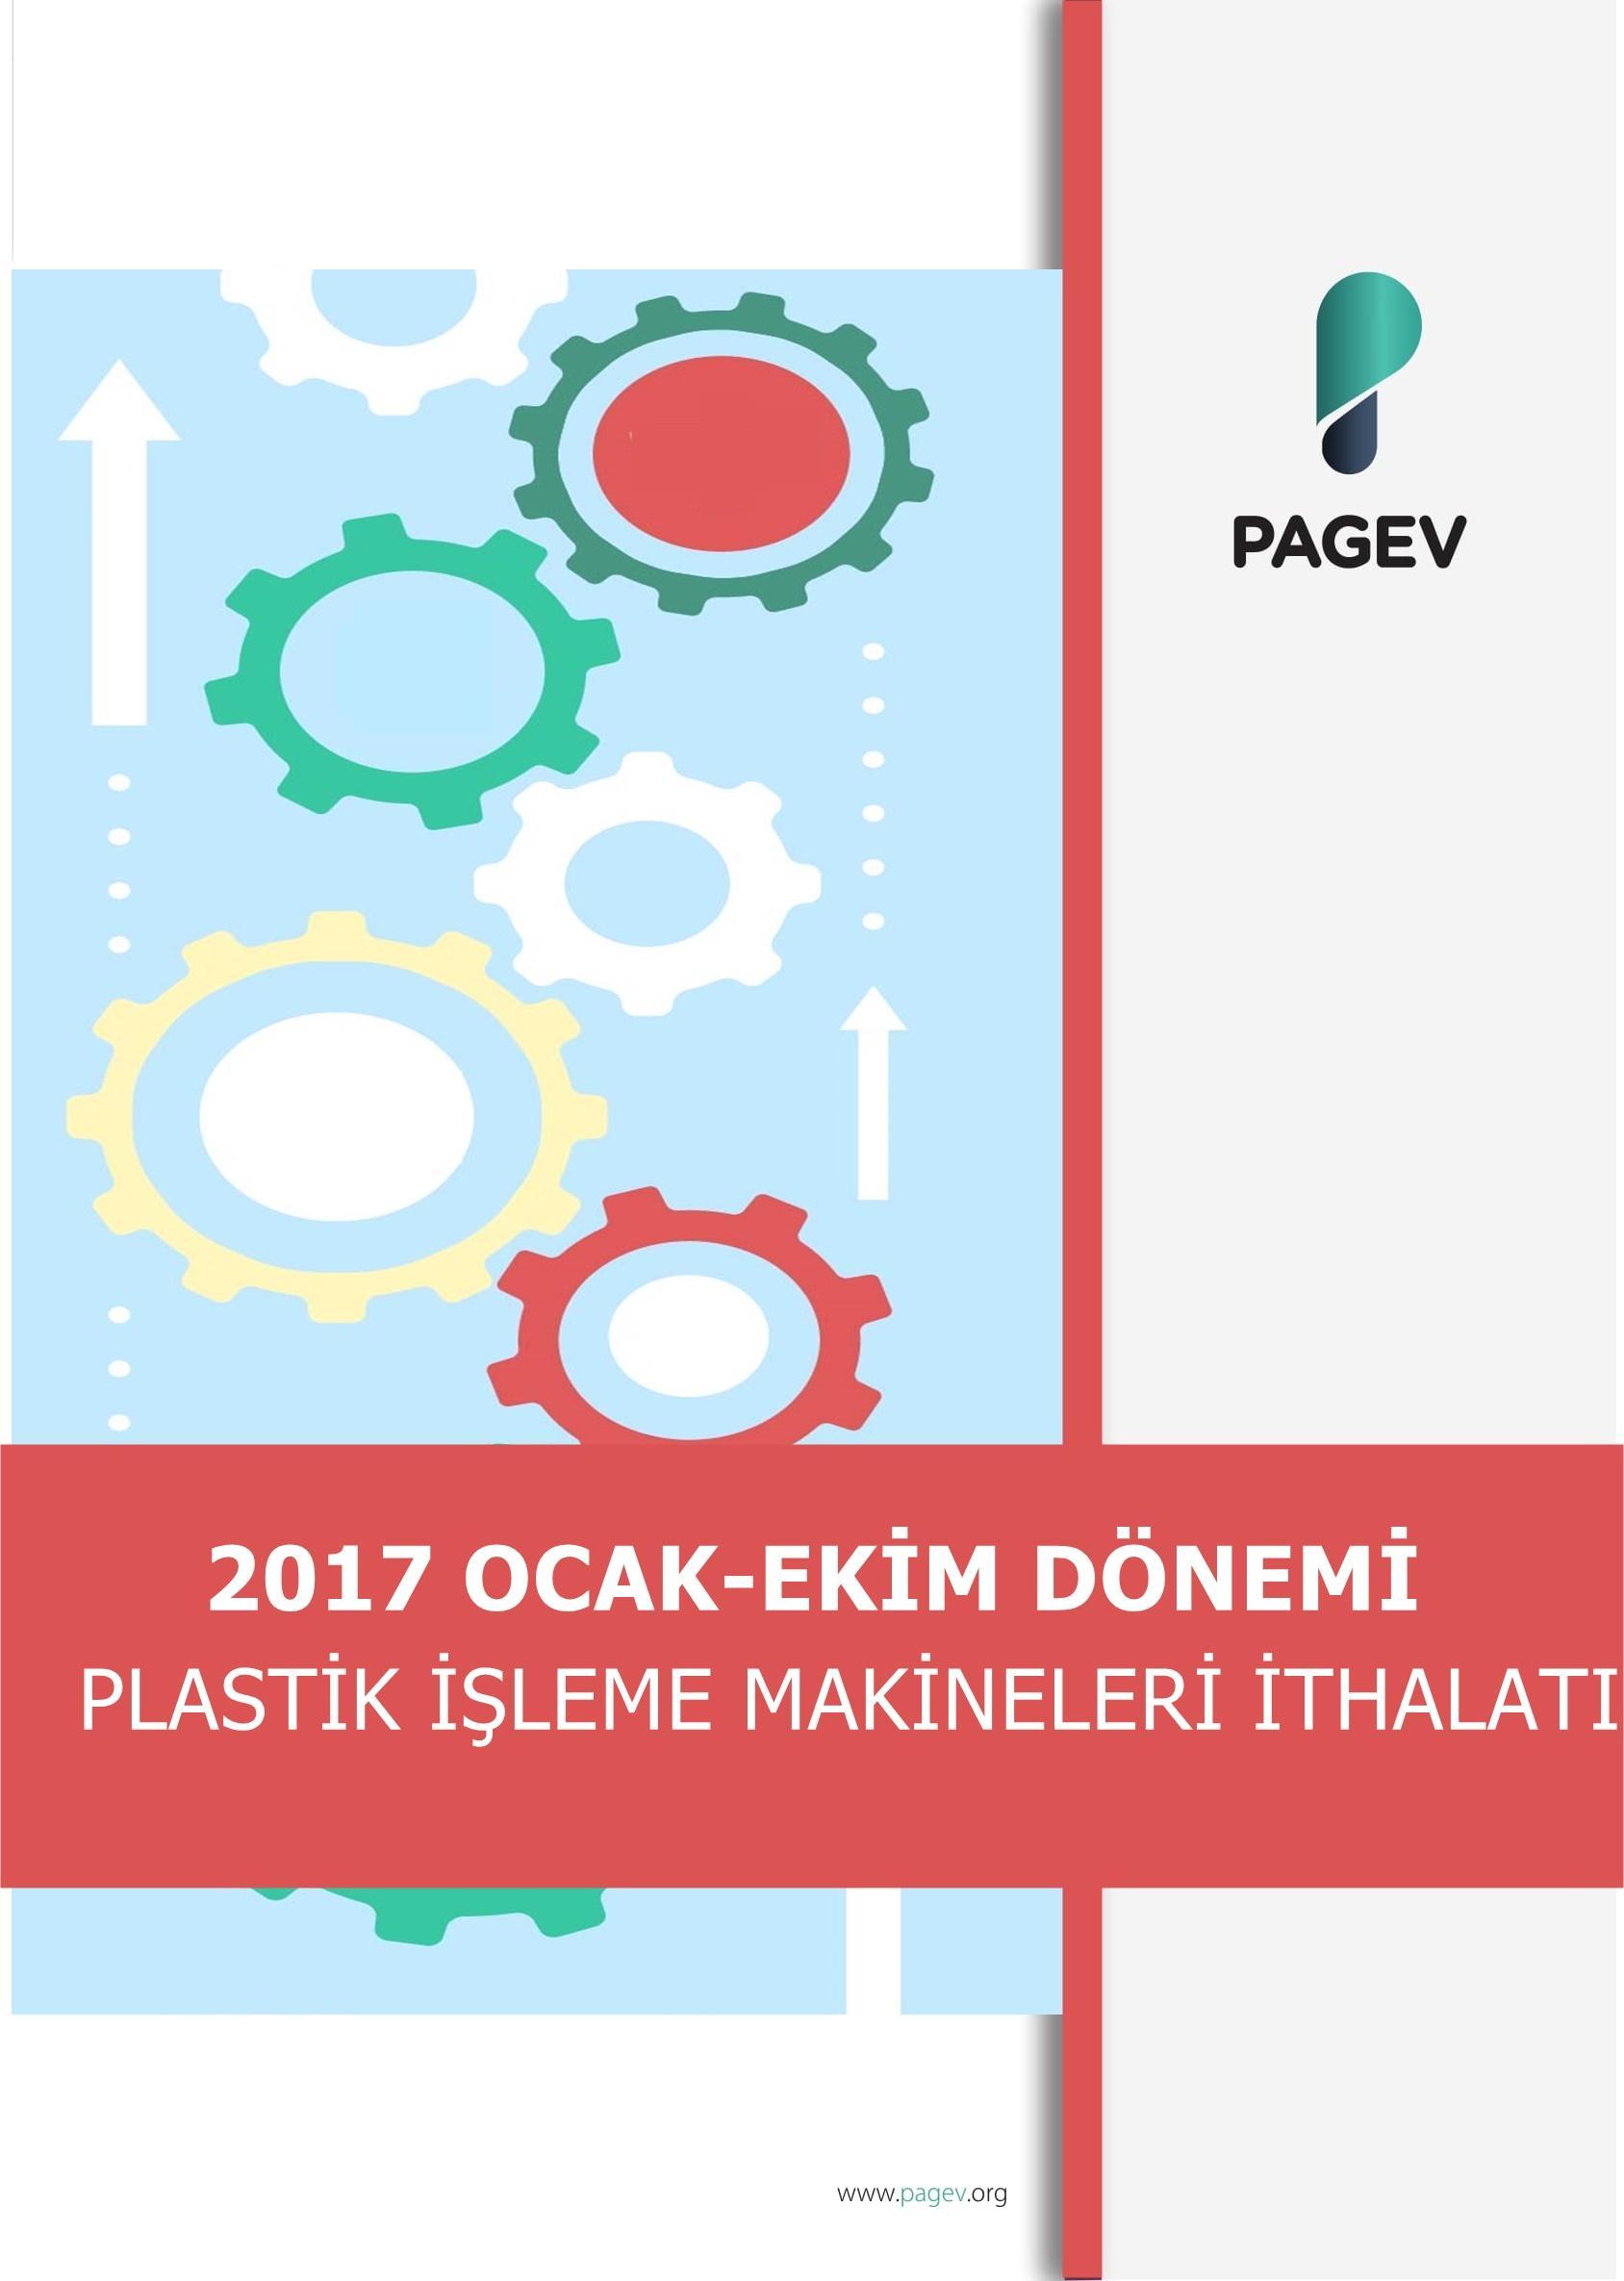 2017 Ocak-Ekim Dönemi Plastik İşleme Makineleri İthalatı